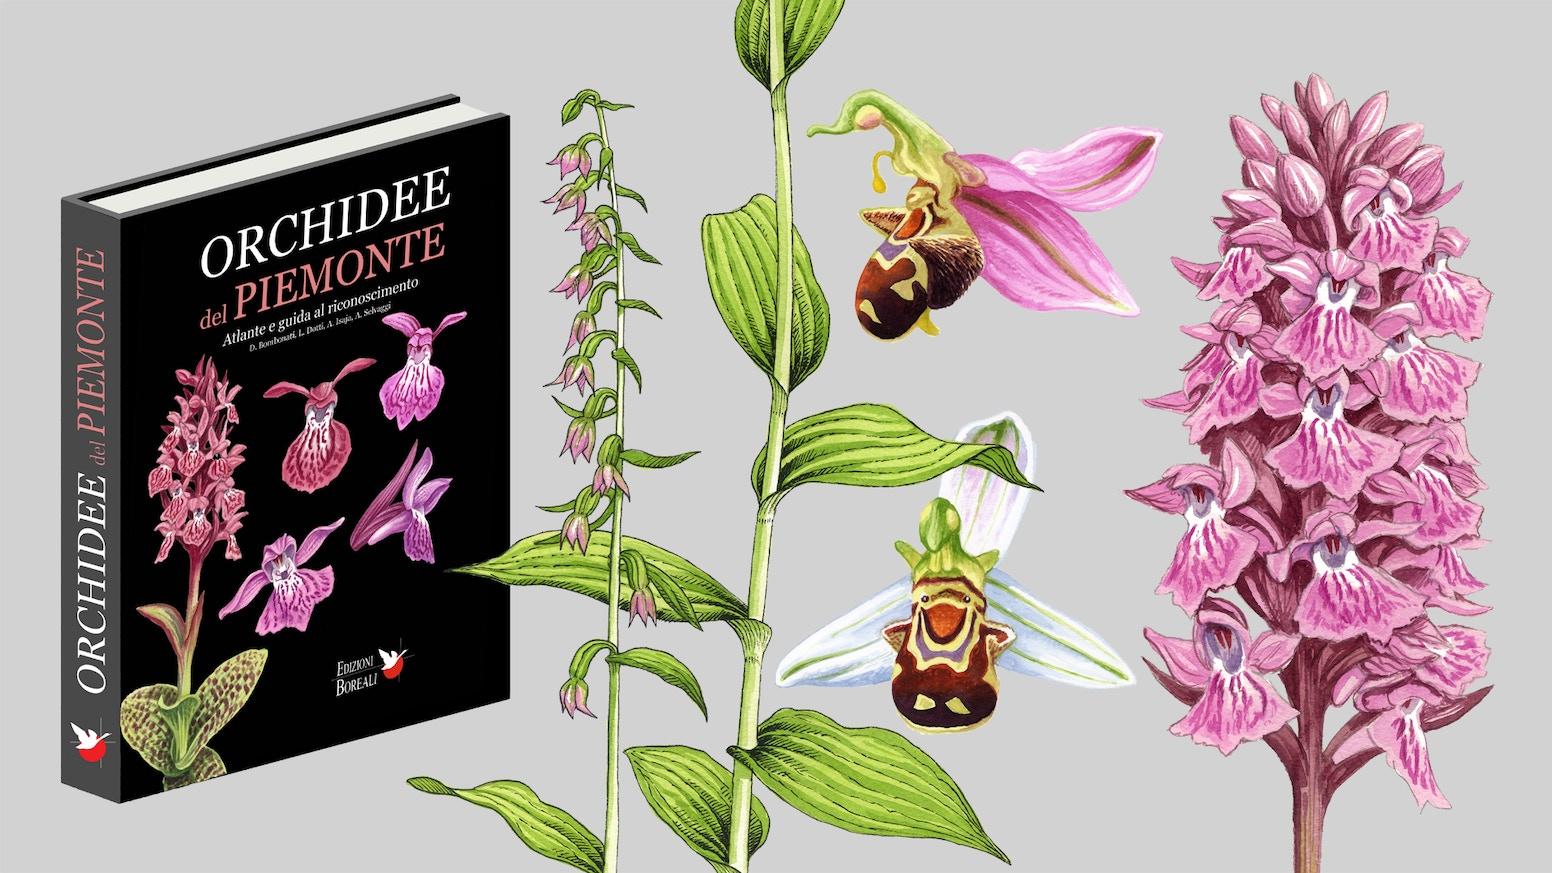 Orchidee del piemonte atlante e guida by boreali for Atlante compass